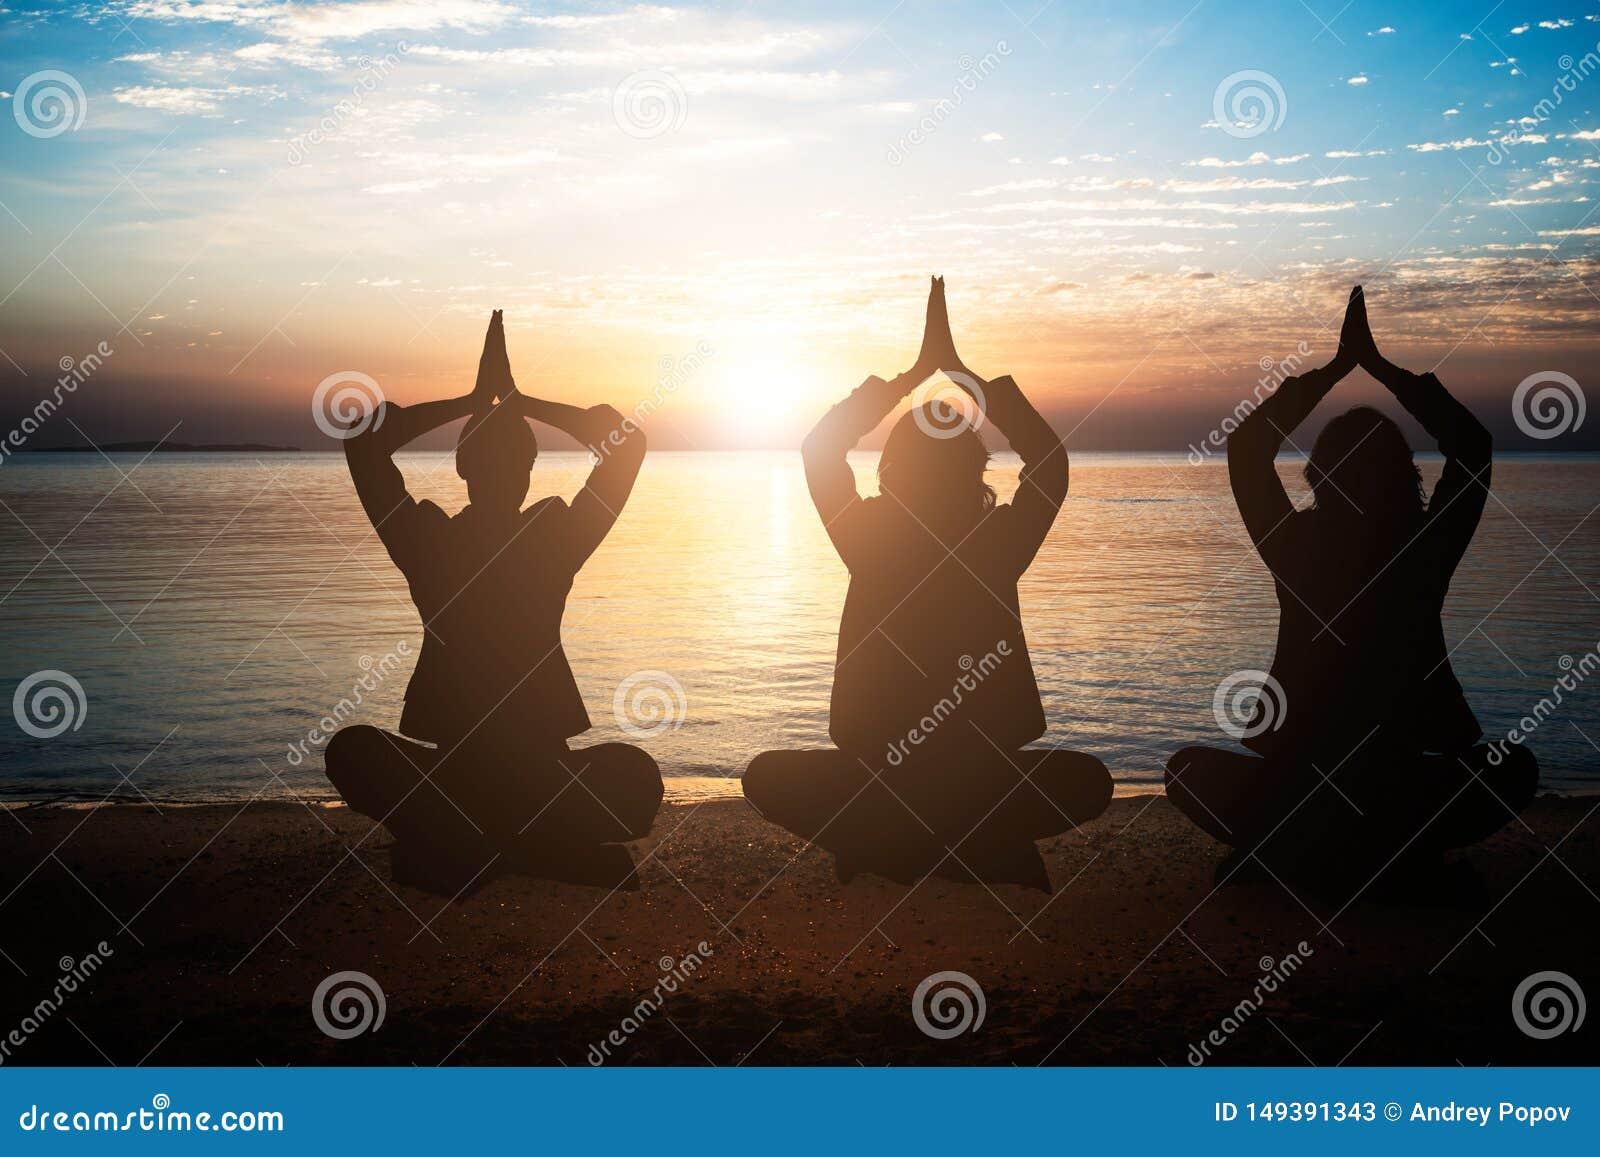 Ομάδα ανθρώπων Meditating στην παραλία